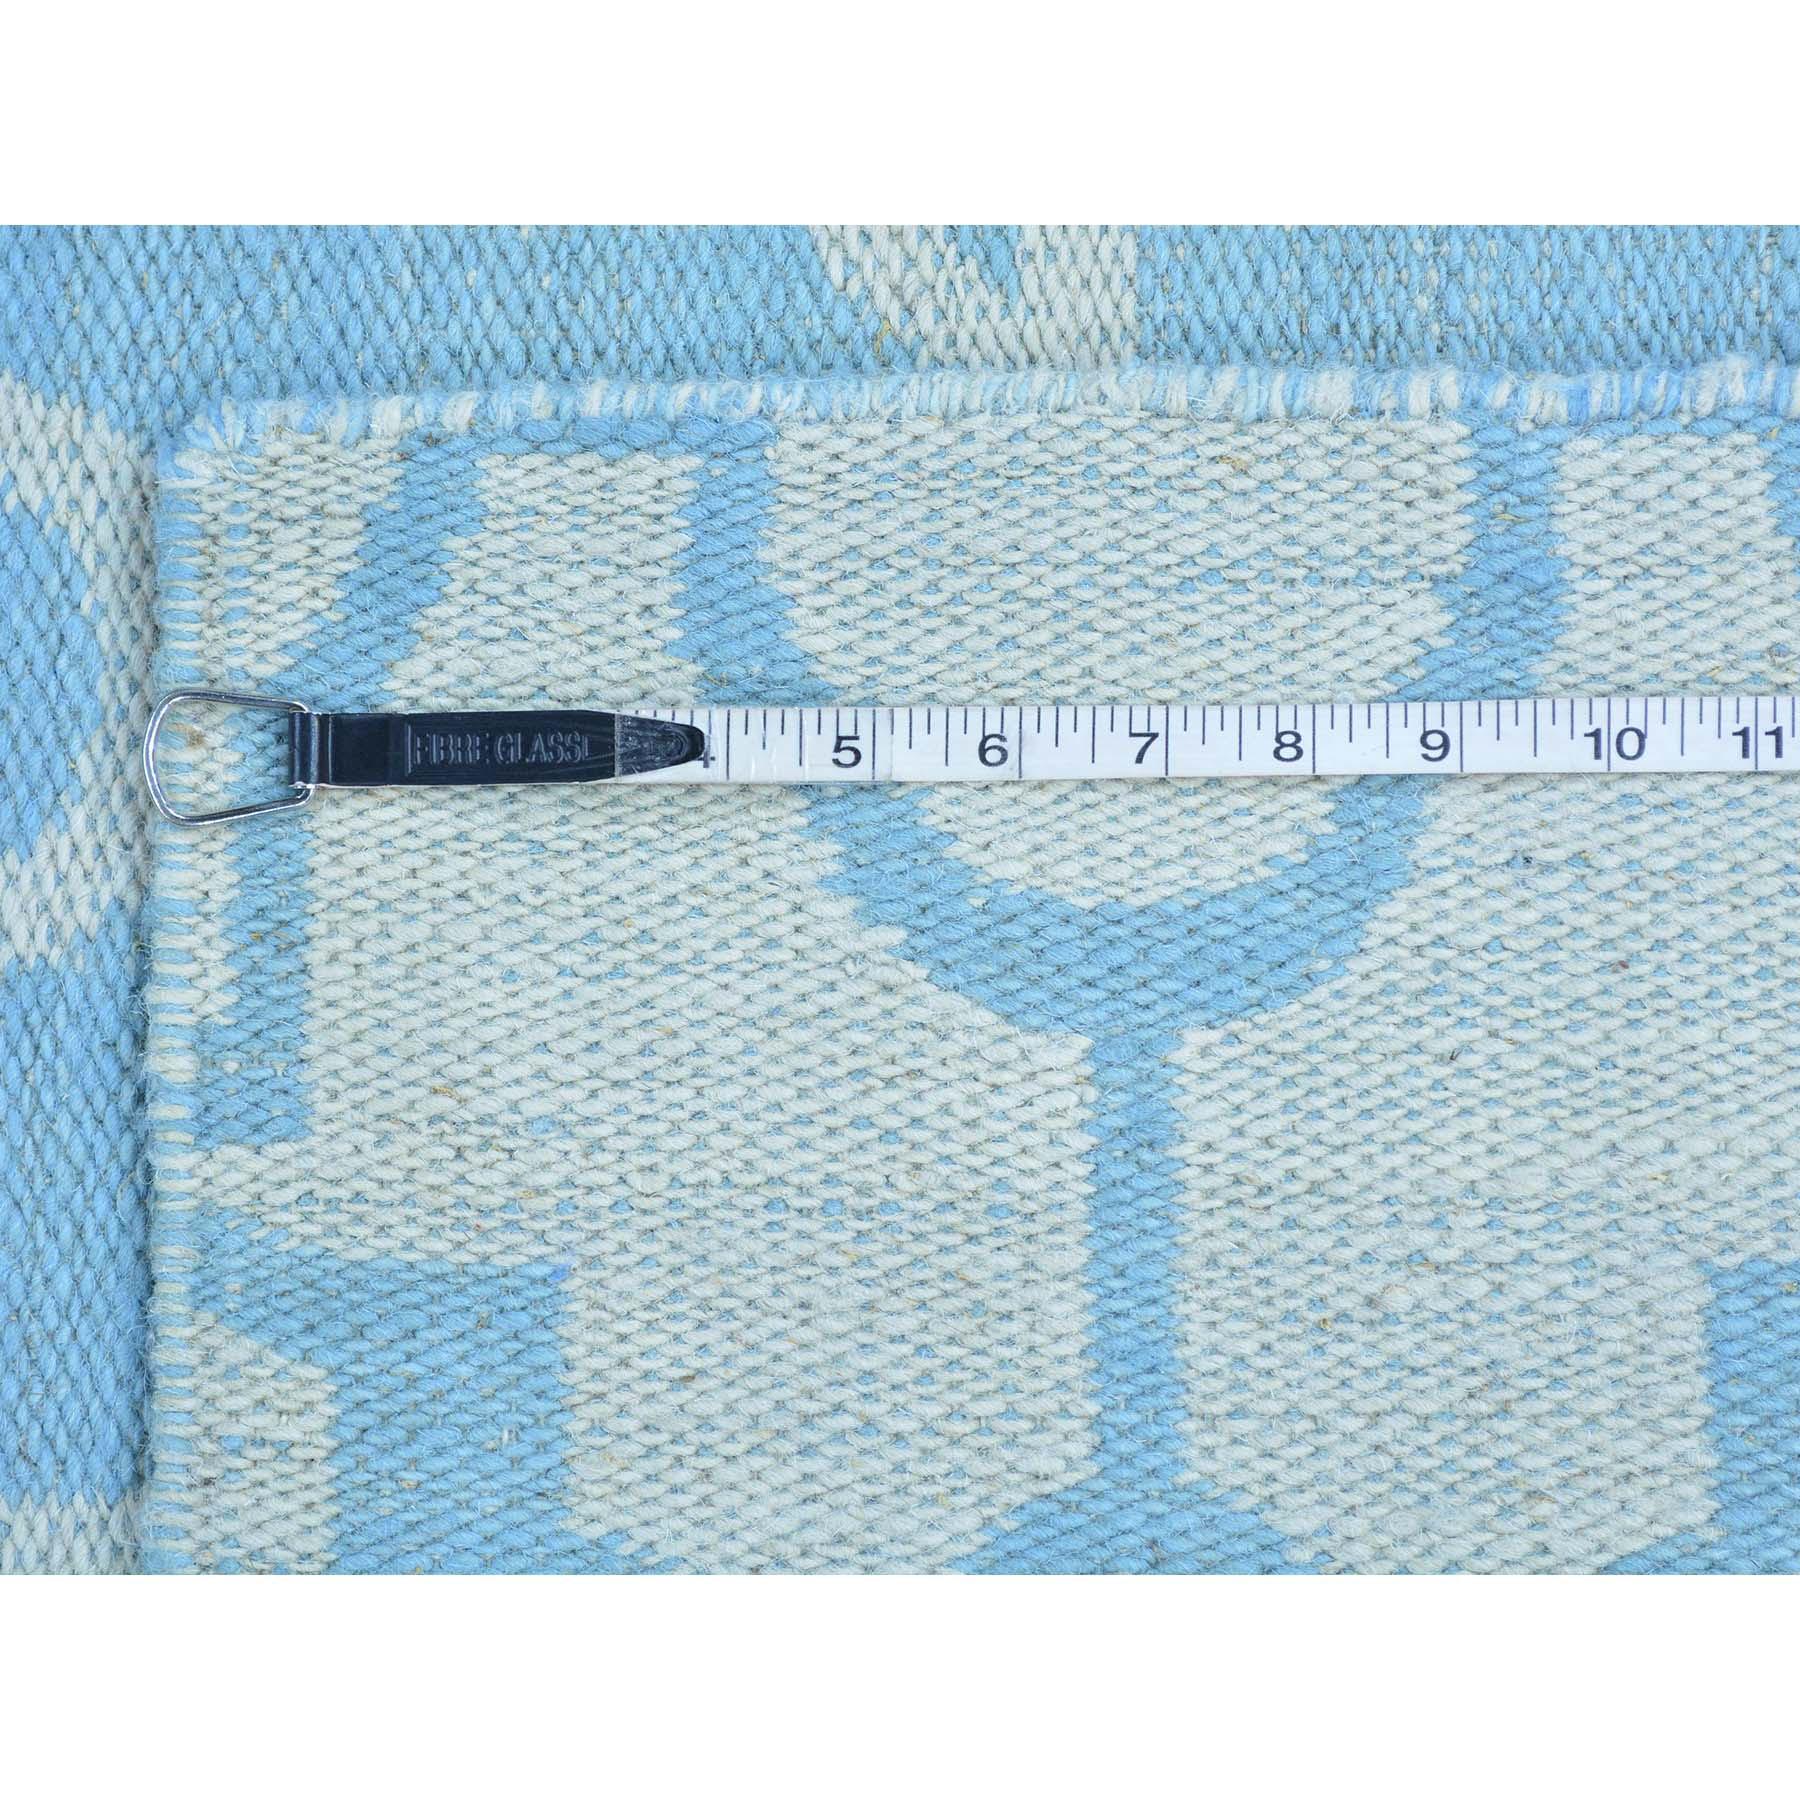 2-8 x7-10  Reversible Runner Flat Weave Killim Hand Woven Rug